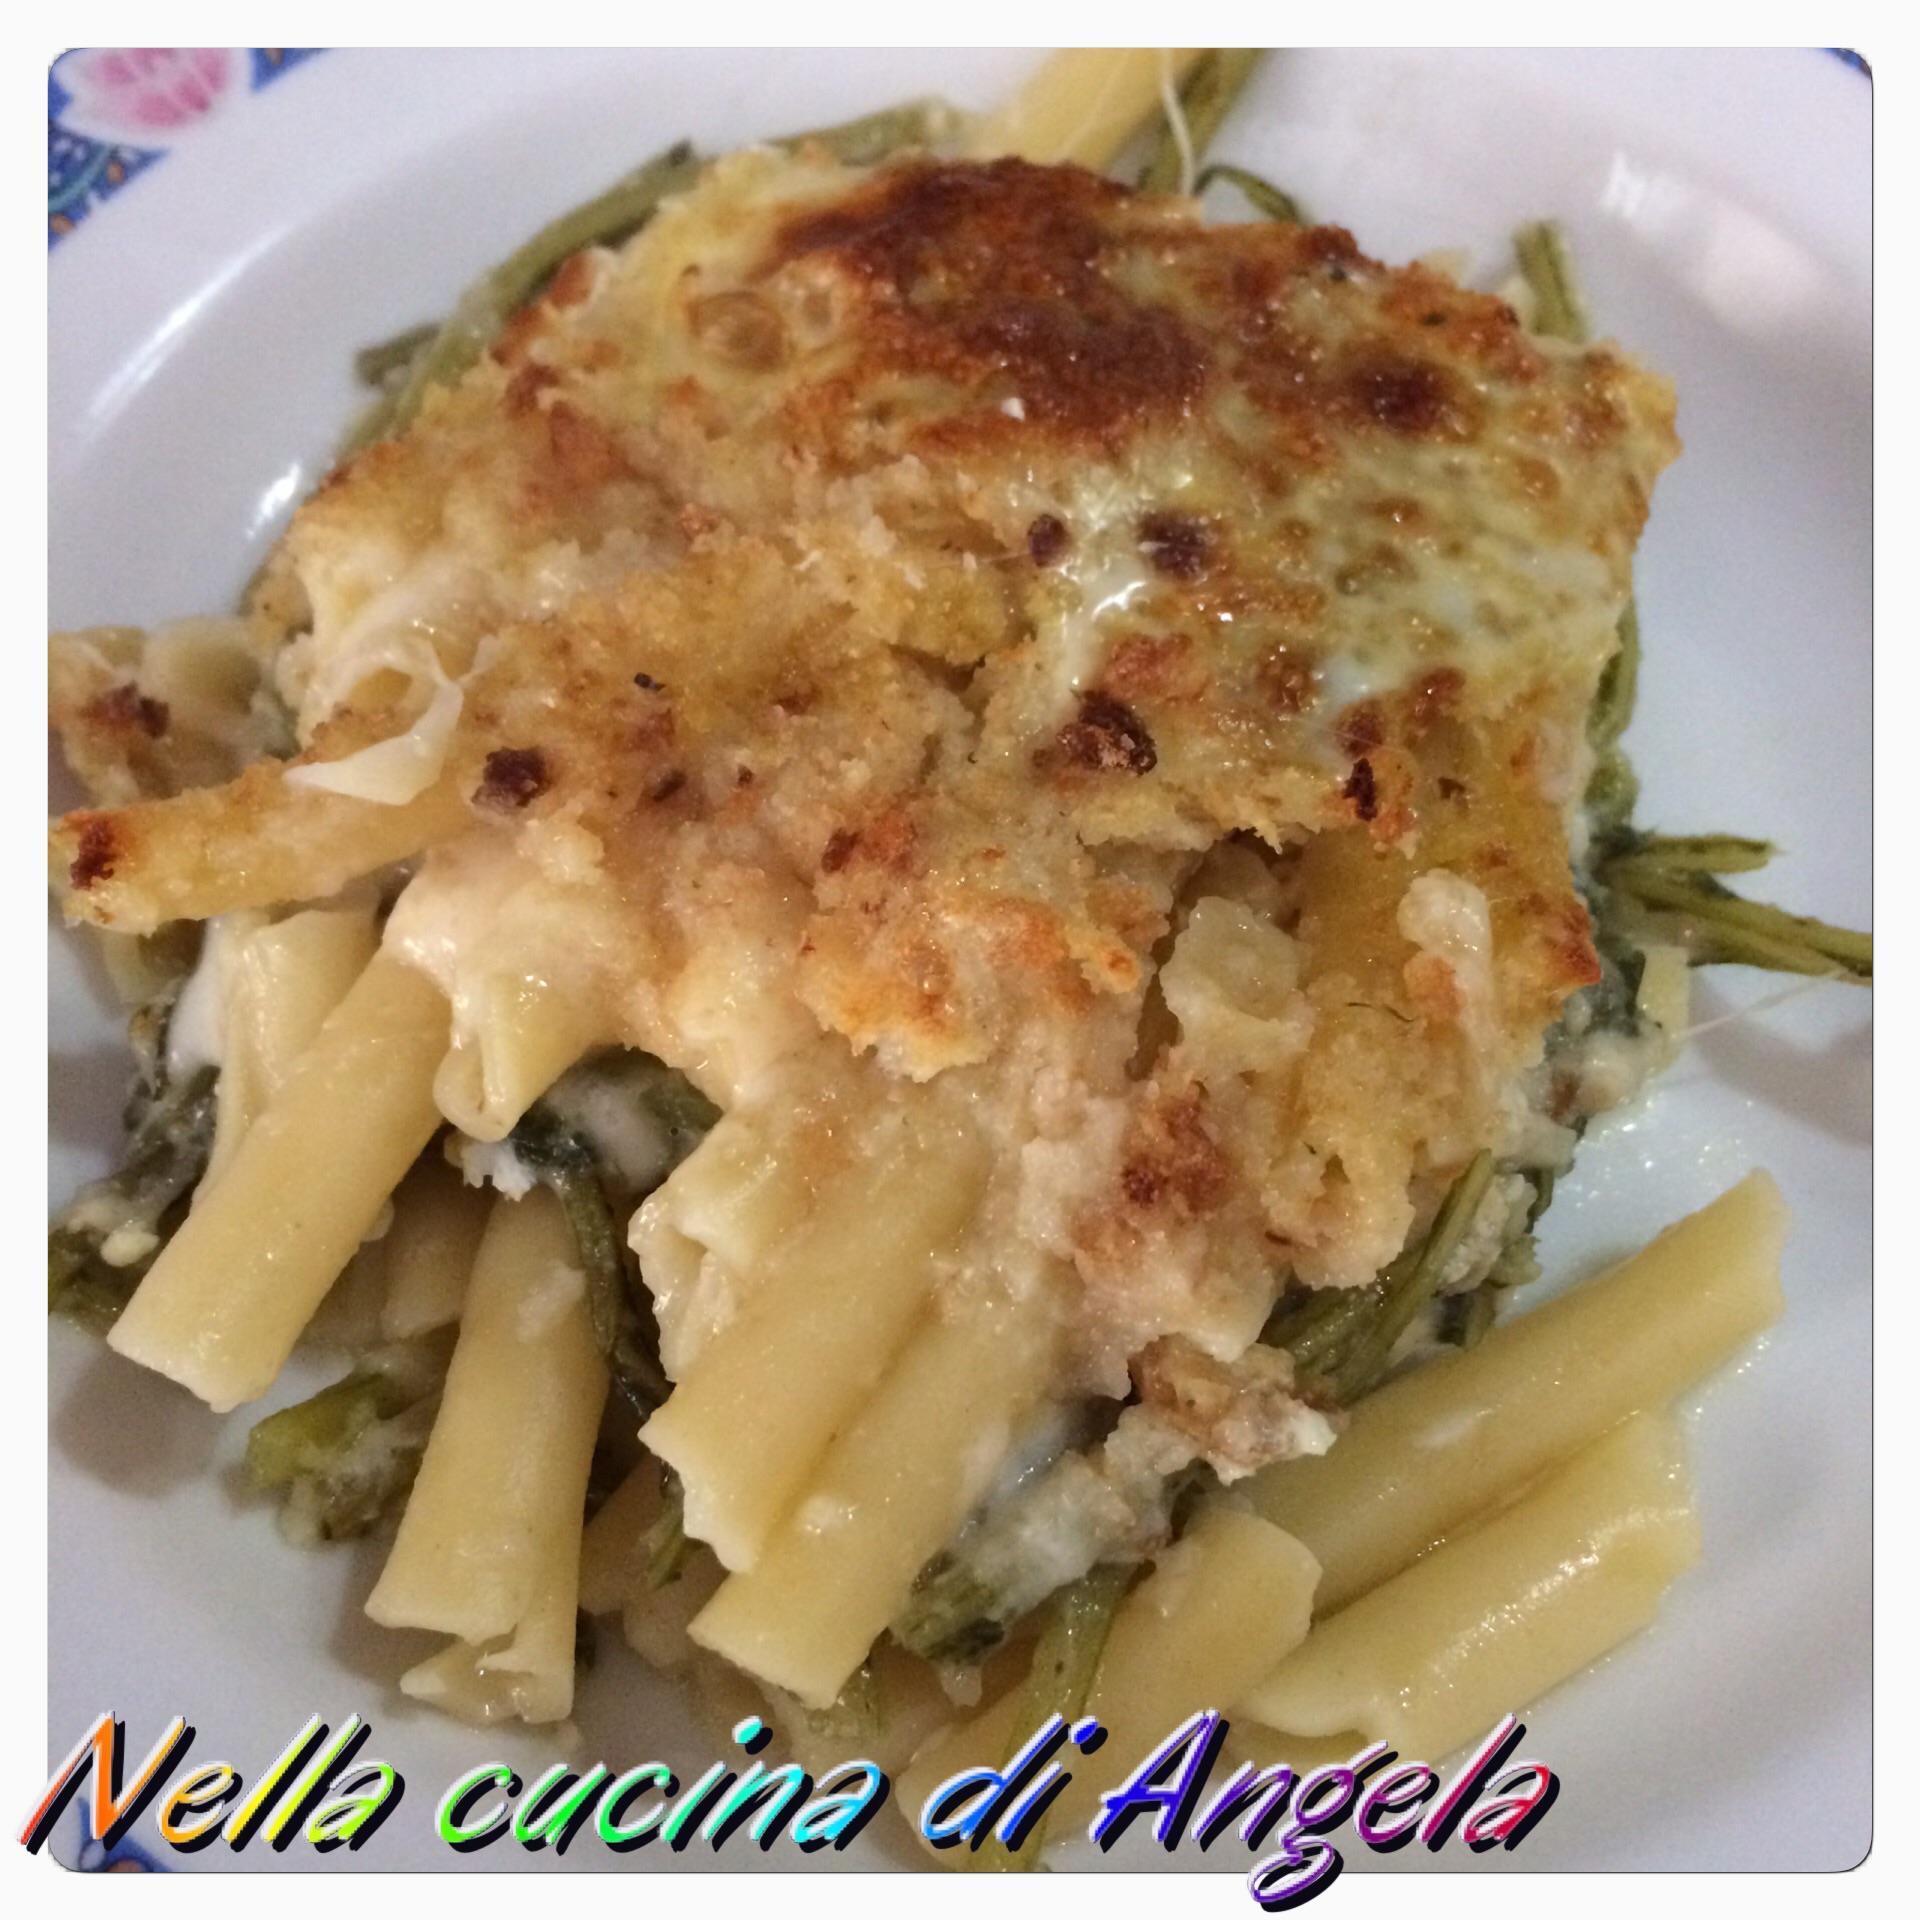 Pasta al forno con cardi spinosi nella cucina di angela - Cucinare i cardi ...